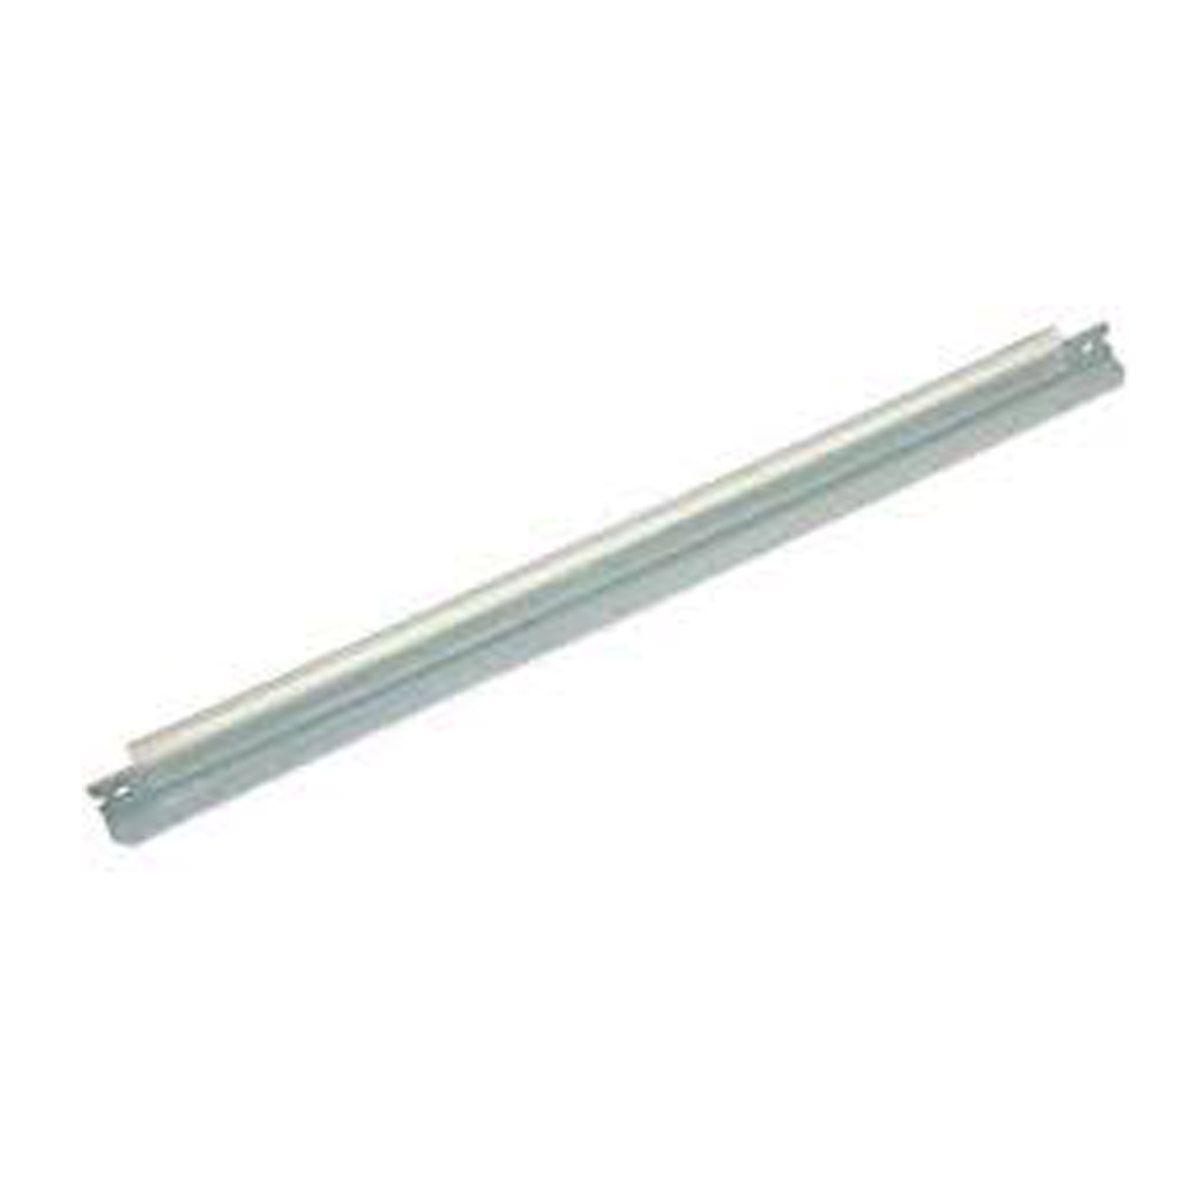 Lamina Limpeza Wiper Blade HP CF248 248 48A - M15 M15A M15W M28 M28A M28W - 1k